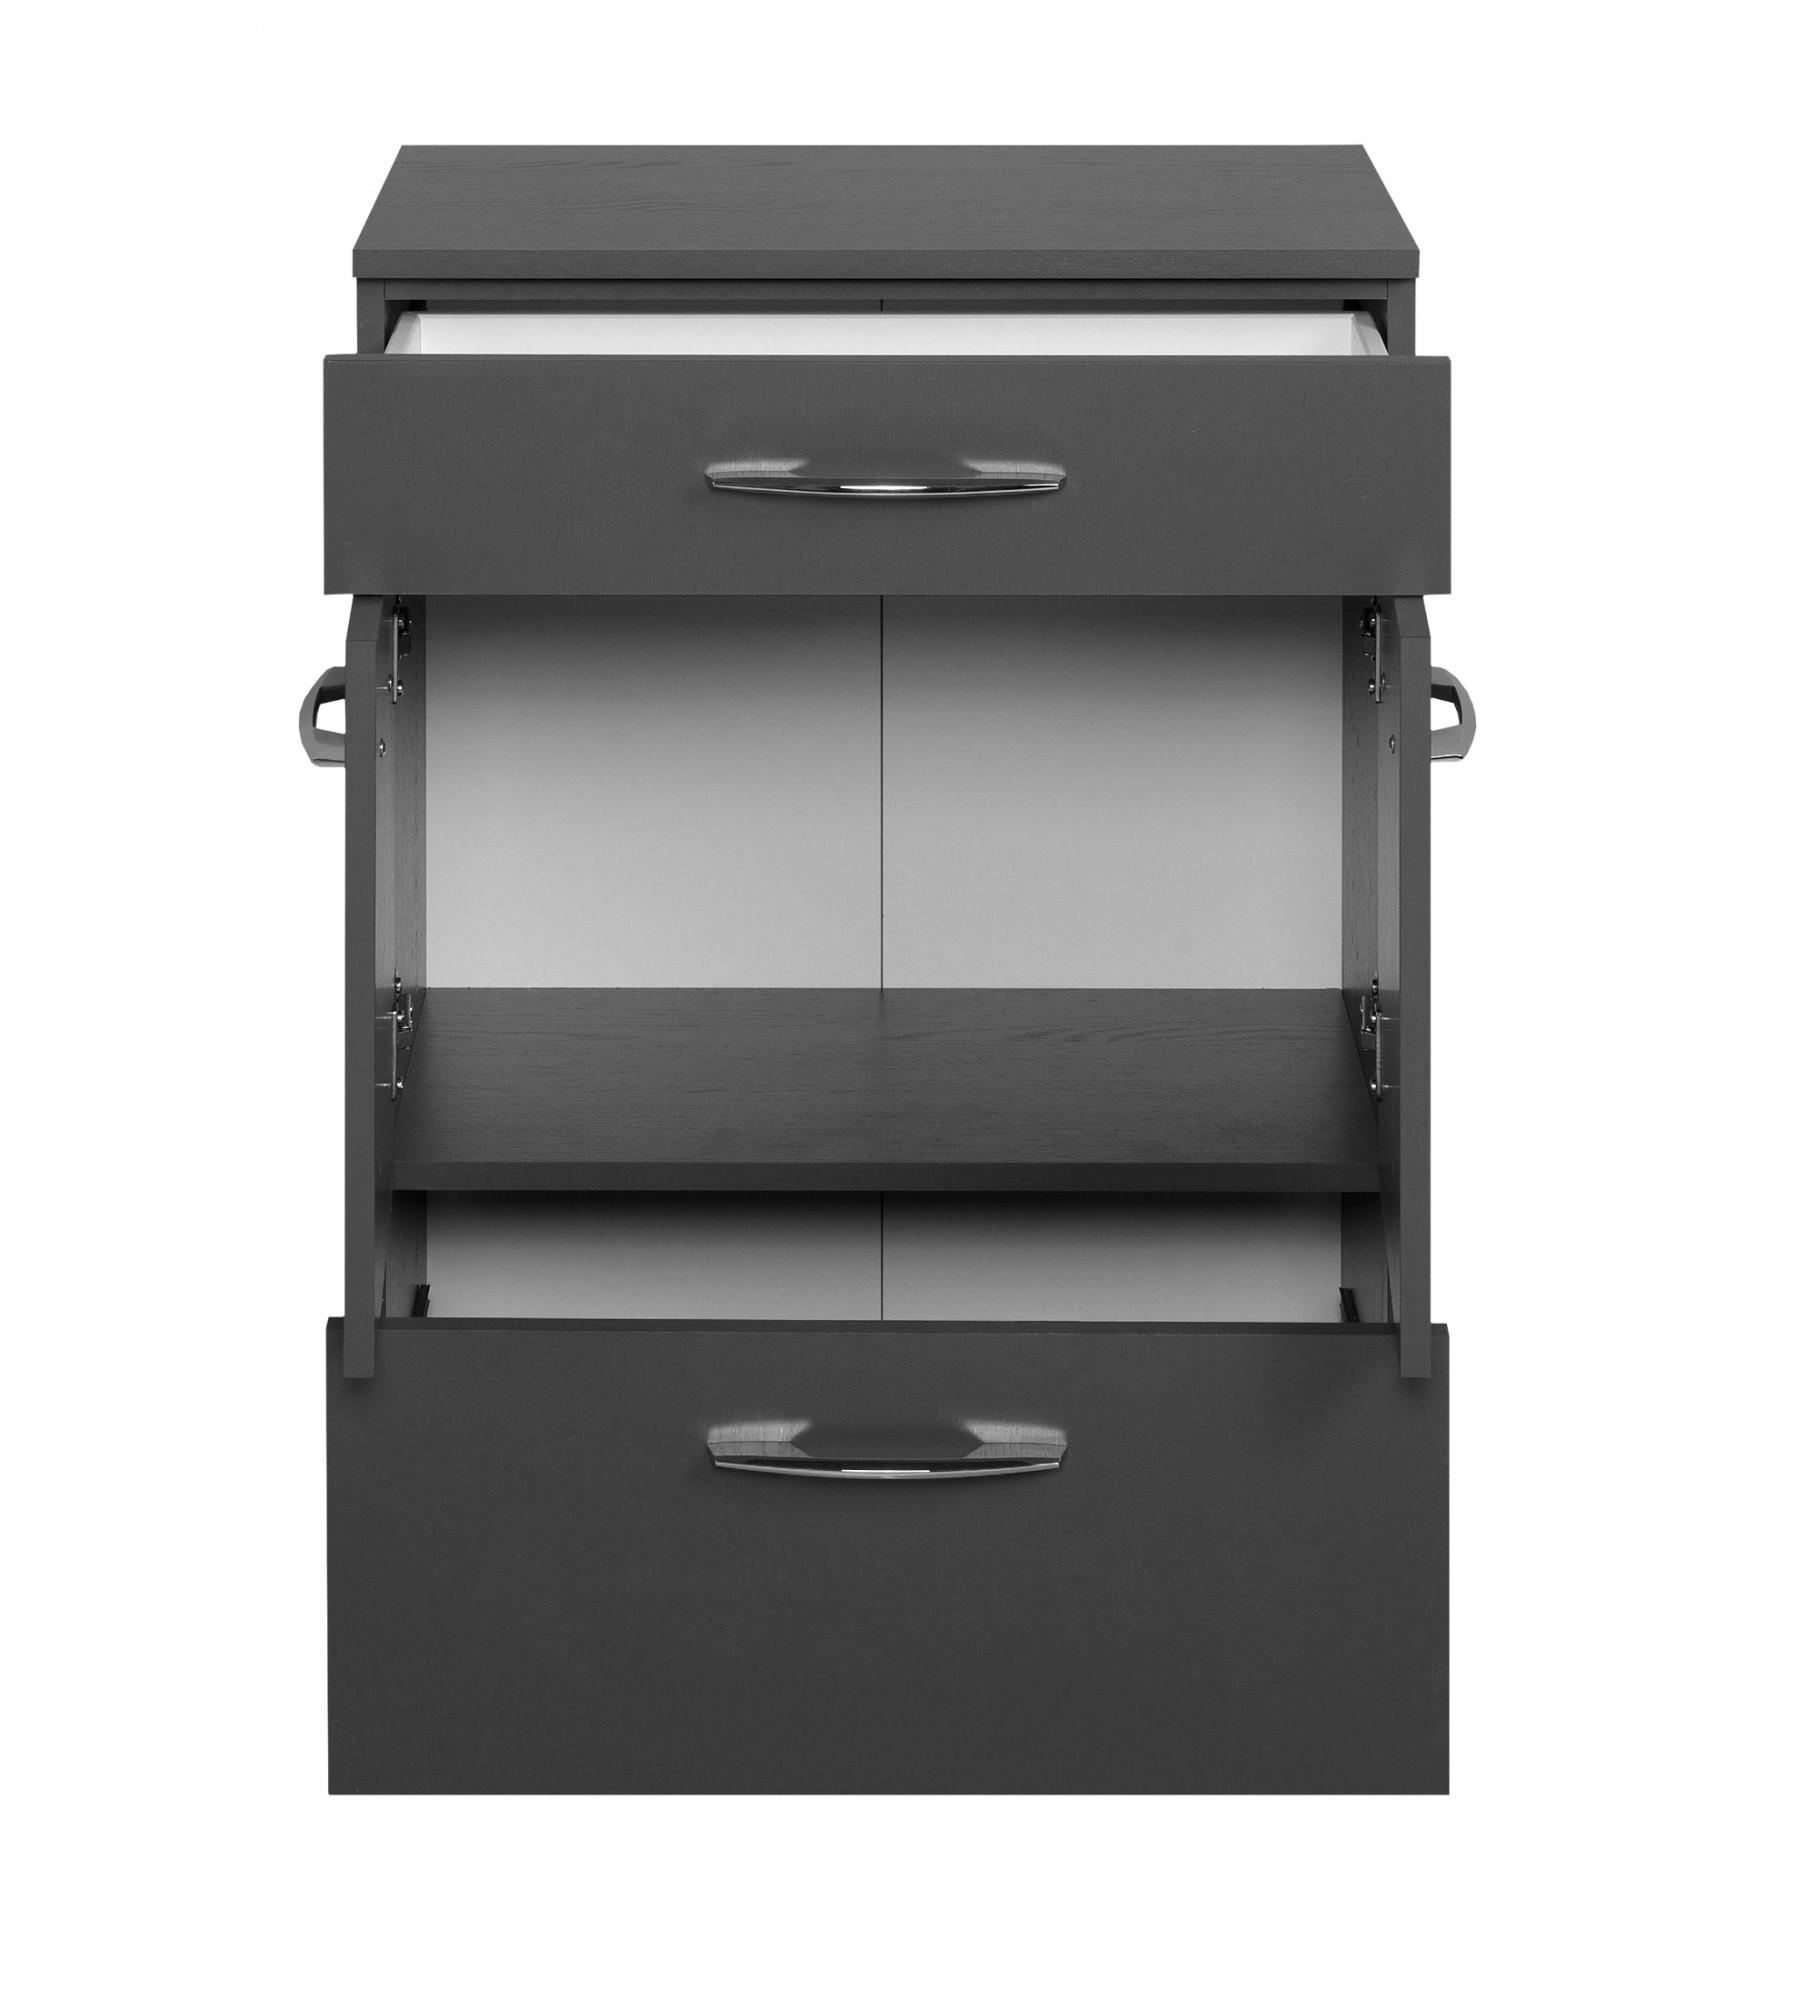 bad unterschrank portofino 2 t rig 1 schublade 1 auszug 60 cm breit graphitgrau bad. Black Bedroom Furniture Sets. Home Design Ideas